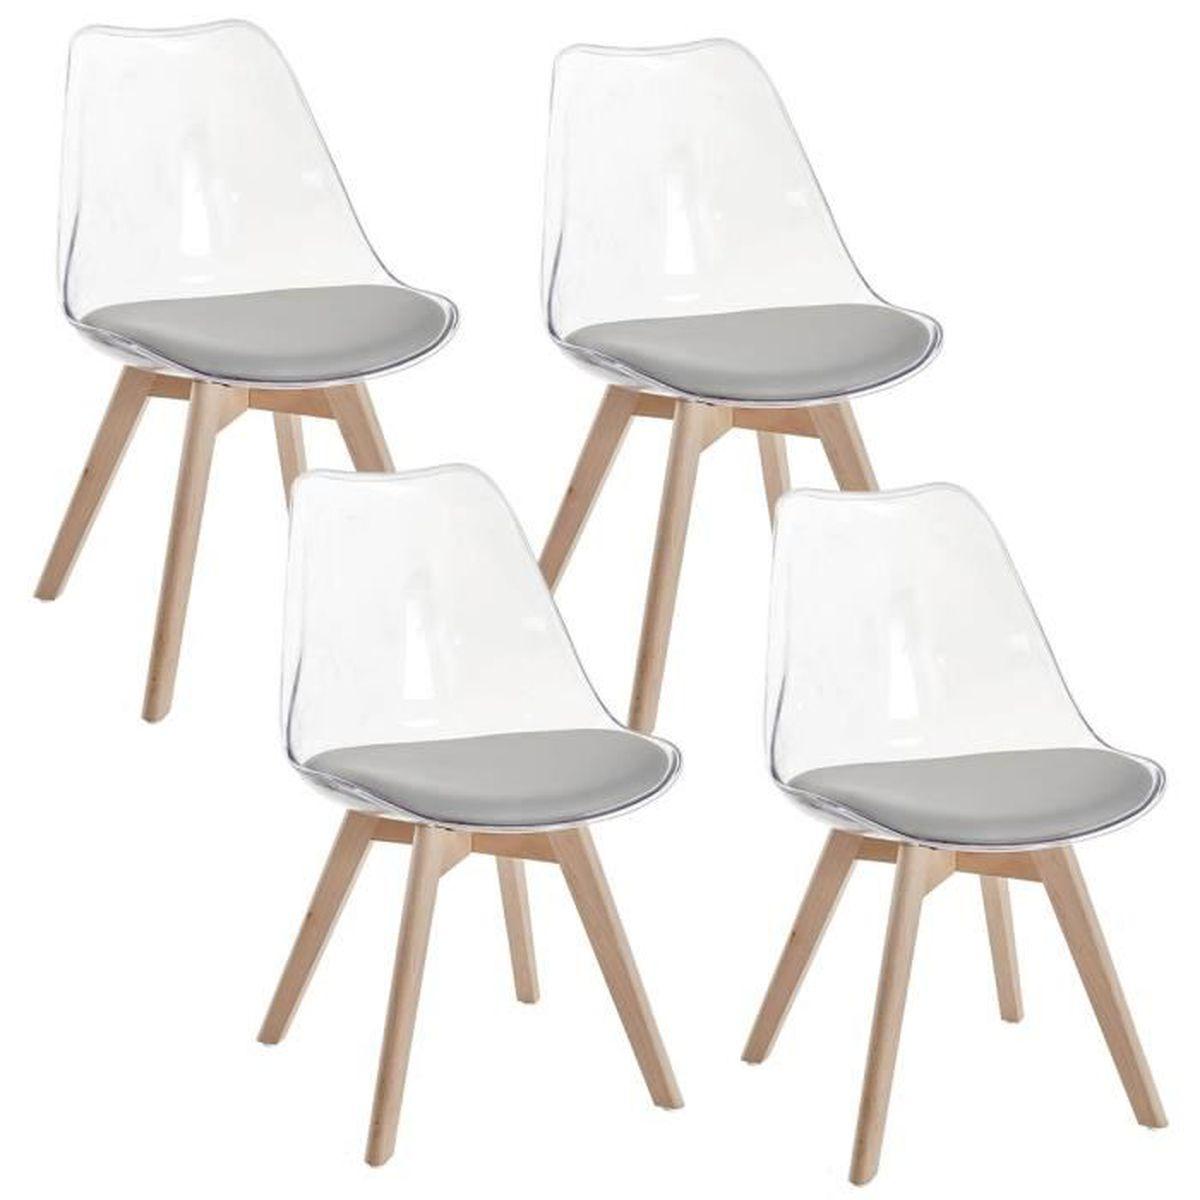 transparentes scandinaves chaises Achat Lot 4 GALA gris de f6yYg7b